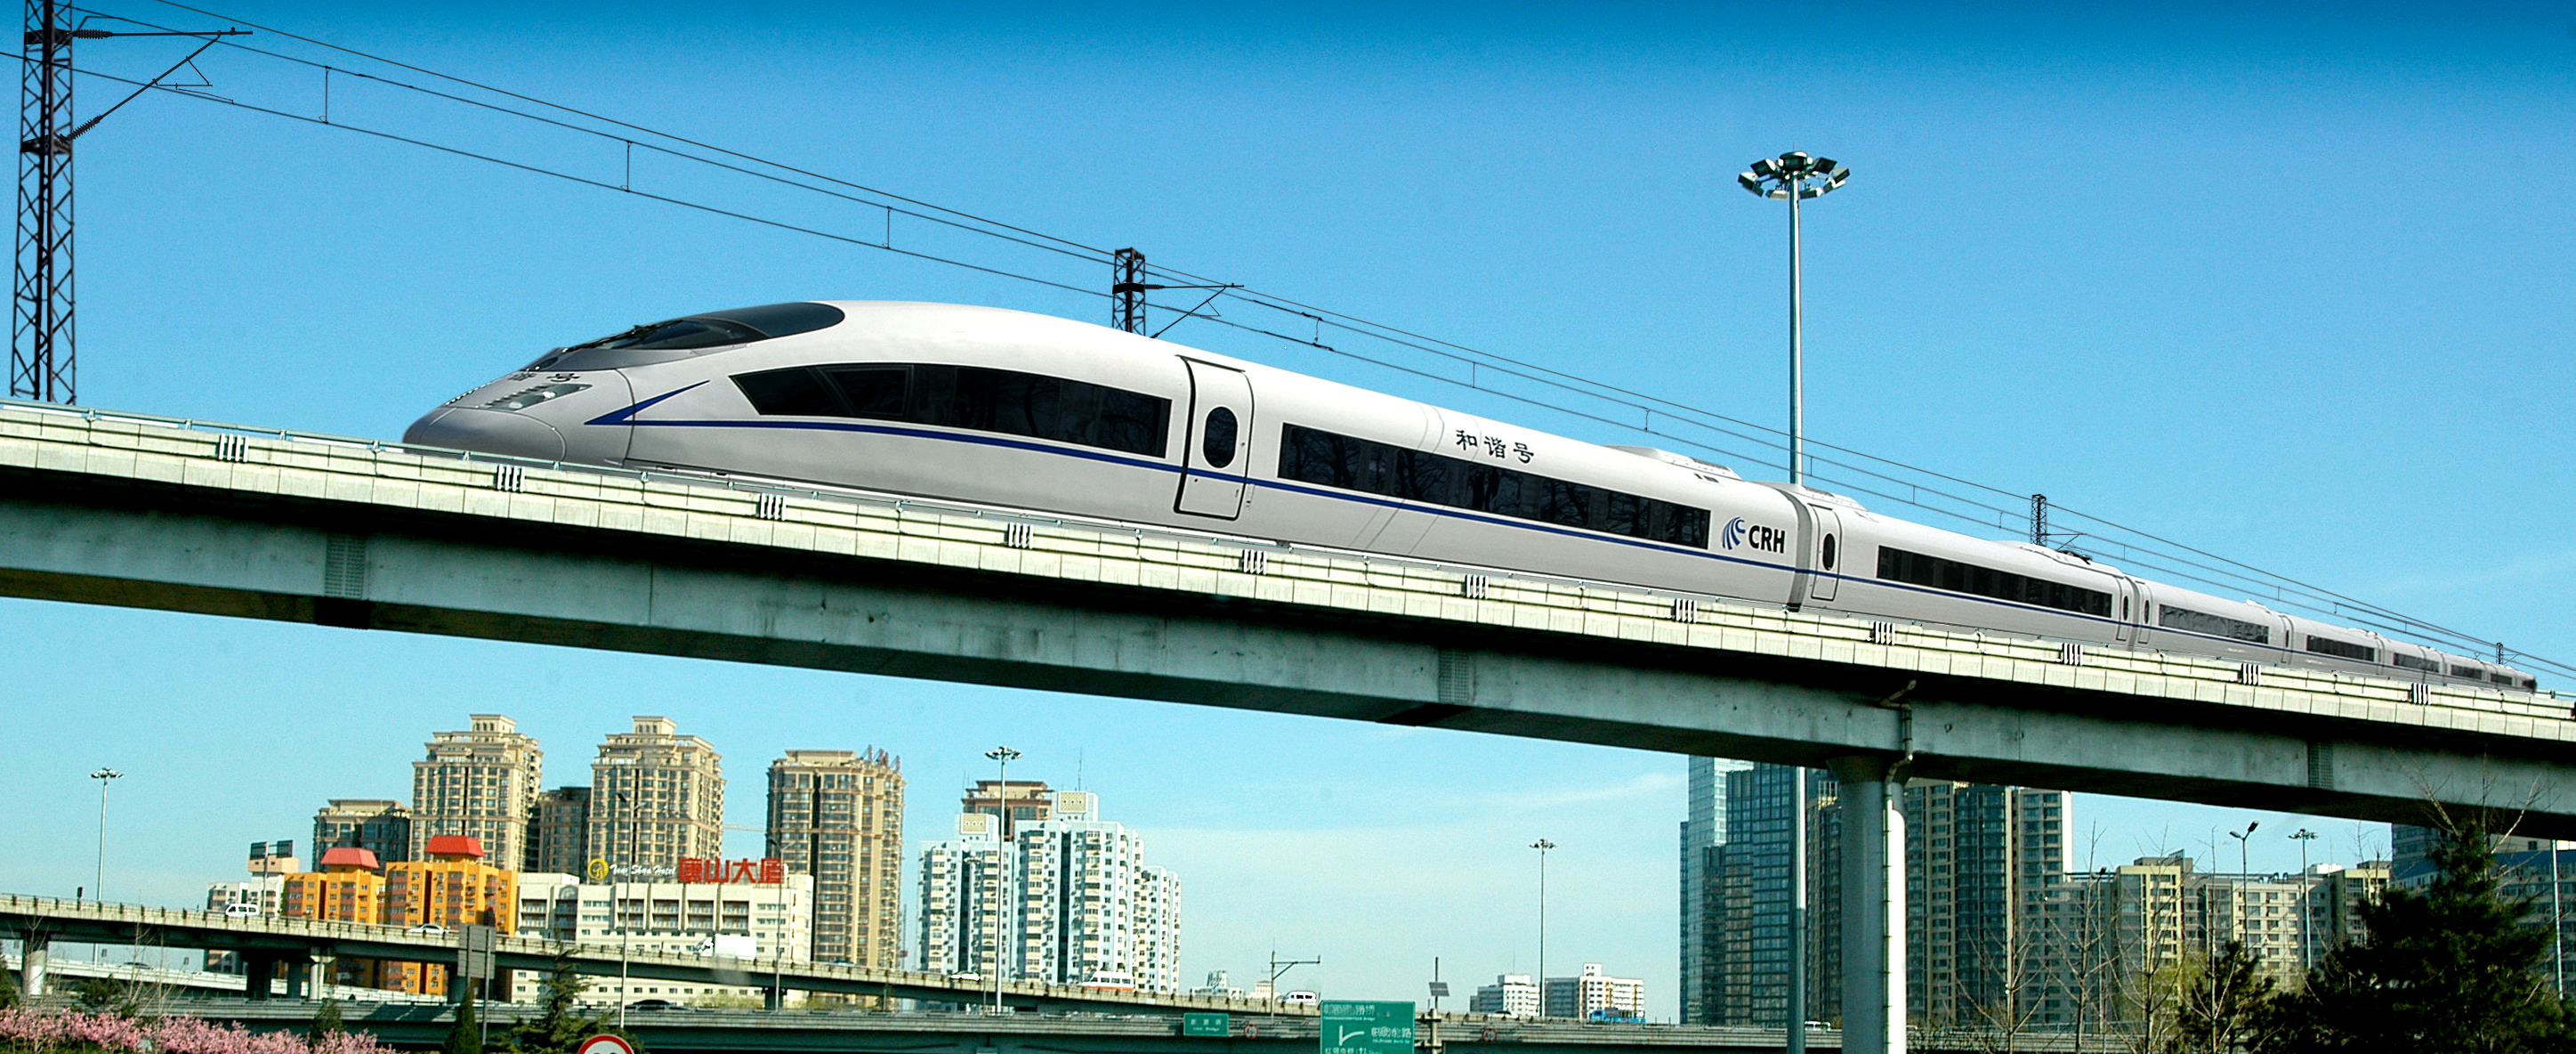 浅谈施工企业的铁路工程造价管理要点